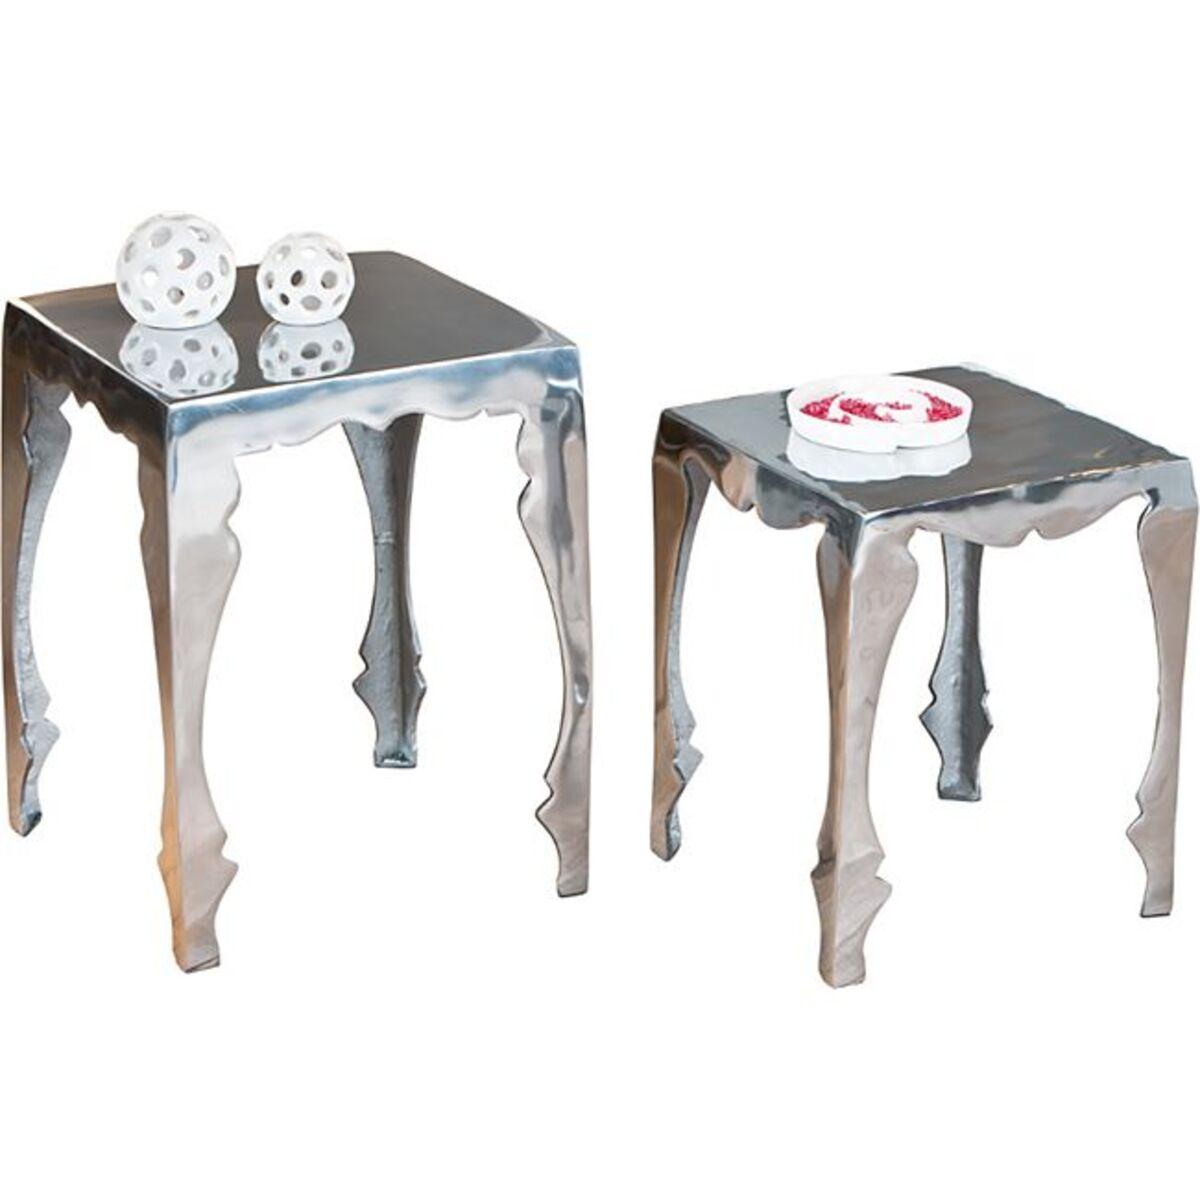 Bild 1 von Inter Link Beistelltisch-Set Solta Aluminium